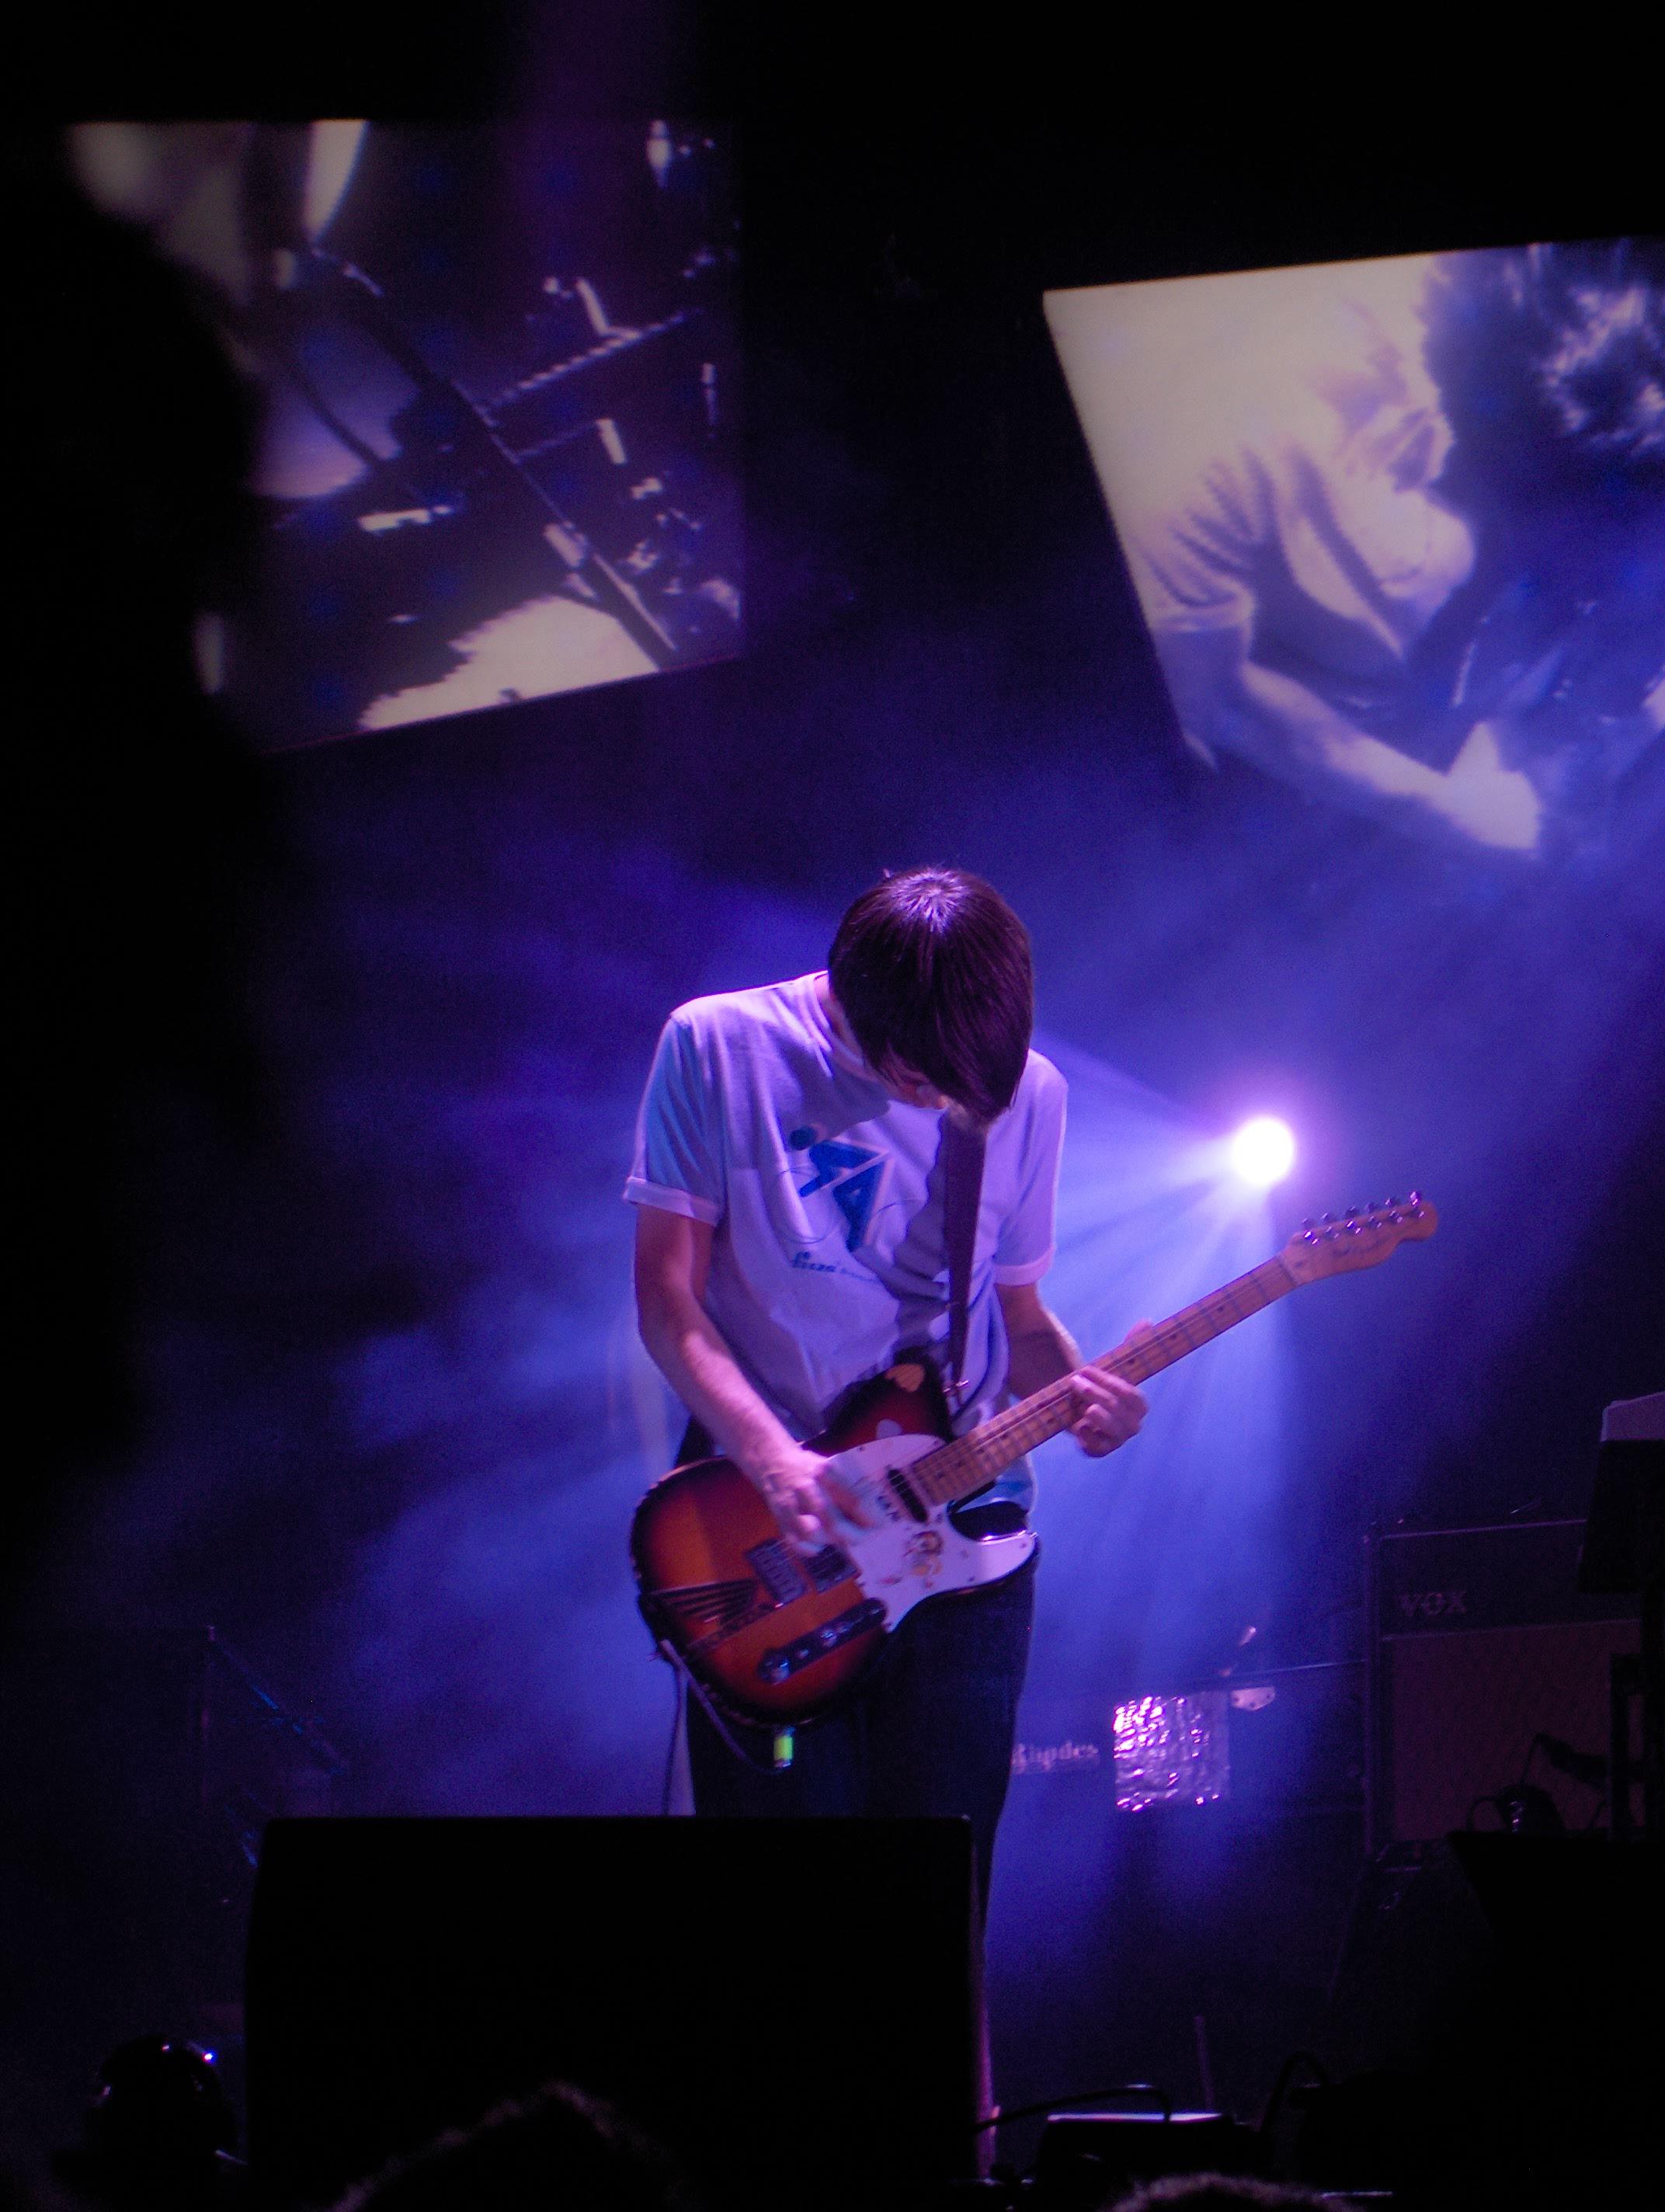 Jonny tocando su Fender Telecaster Plus en un concierto en Avenches (2006).